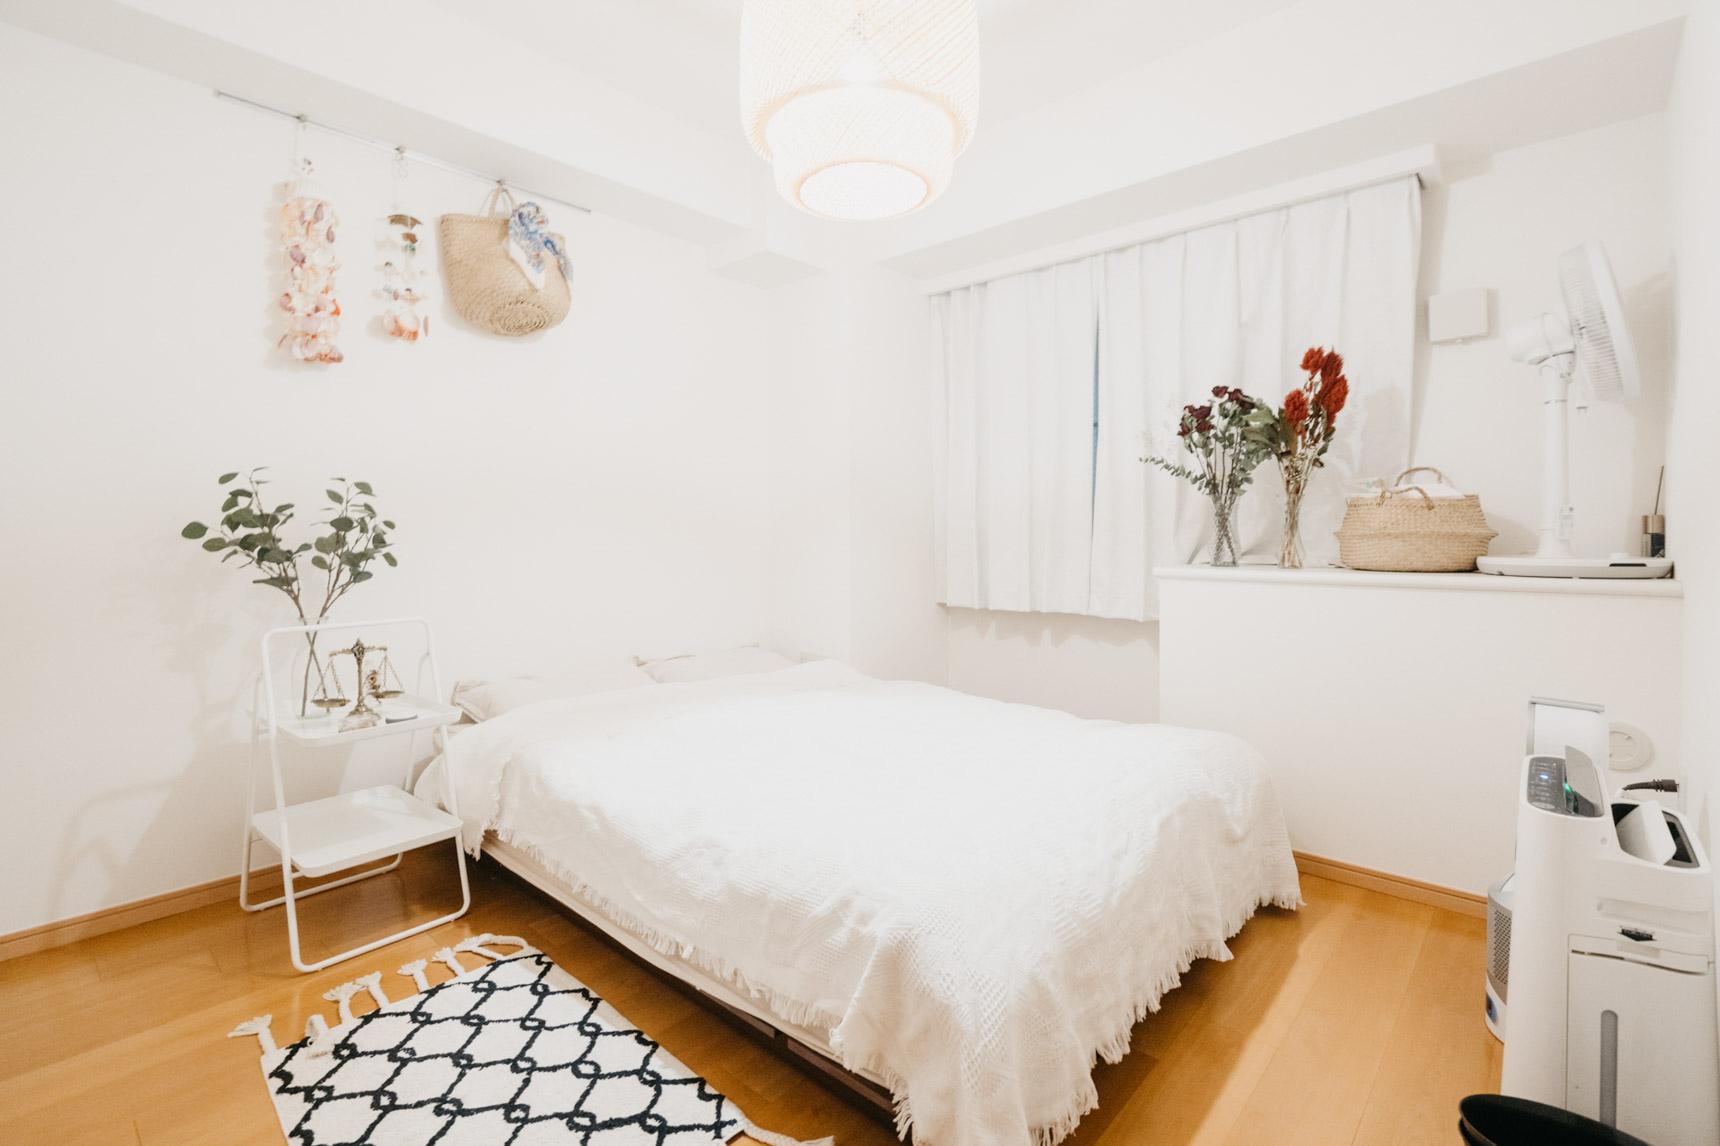 もう1部屋はベッドルーム。こちらも白をベースに、シンプルに整えていらっしゃいます。